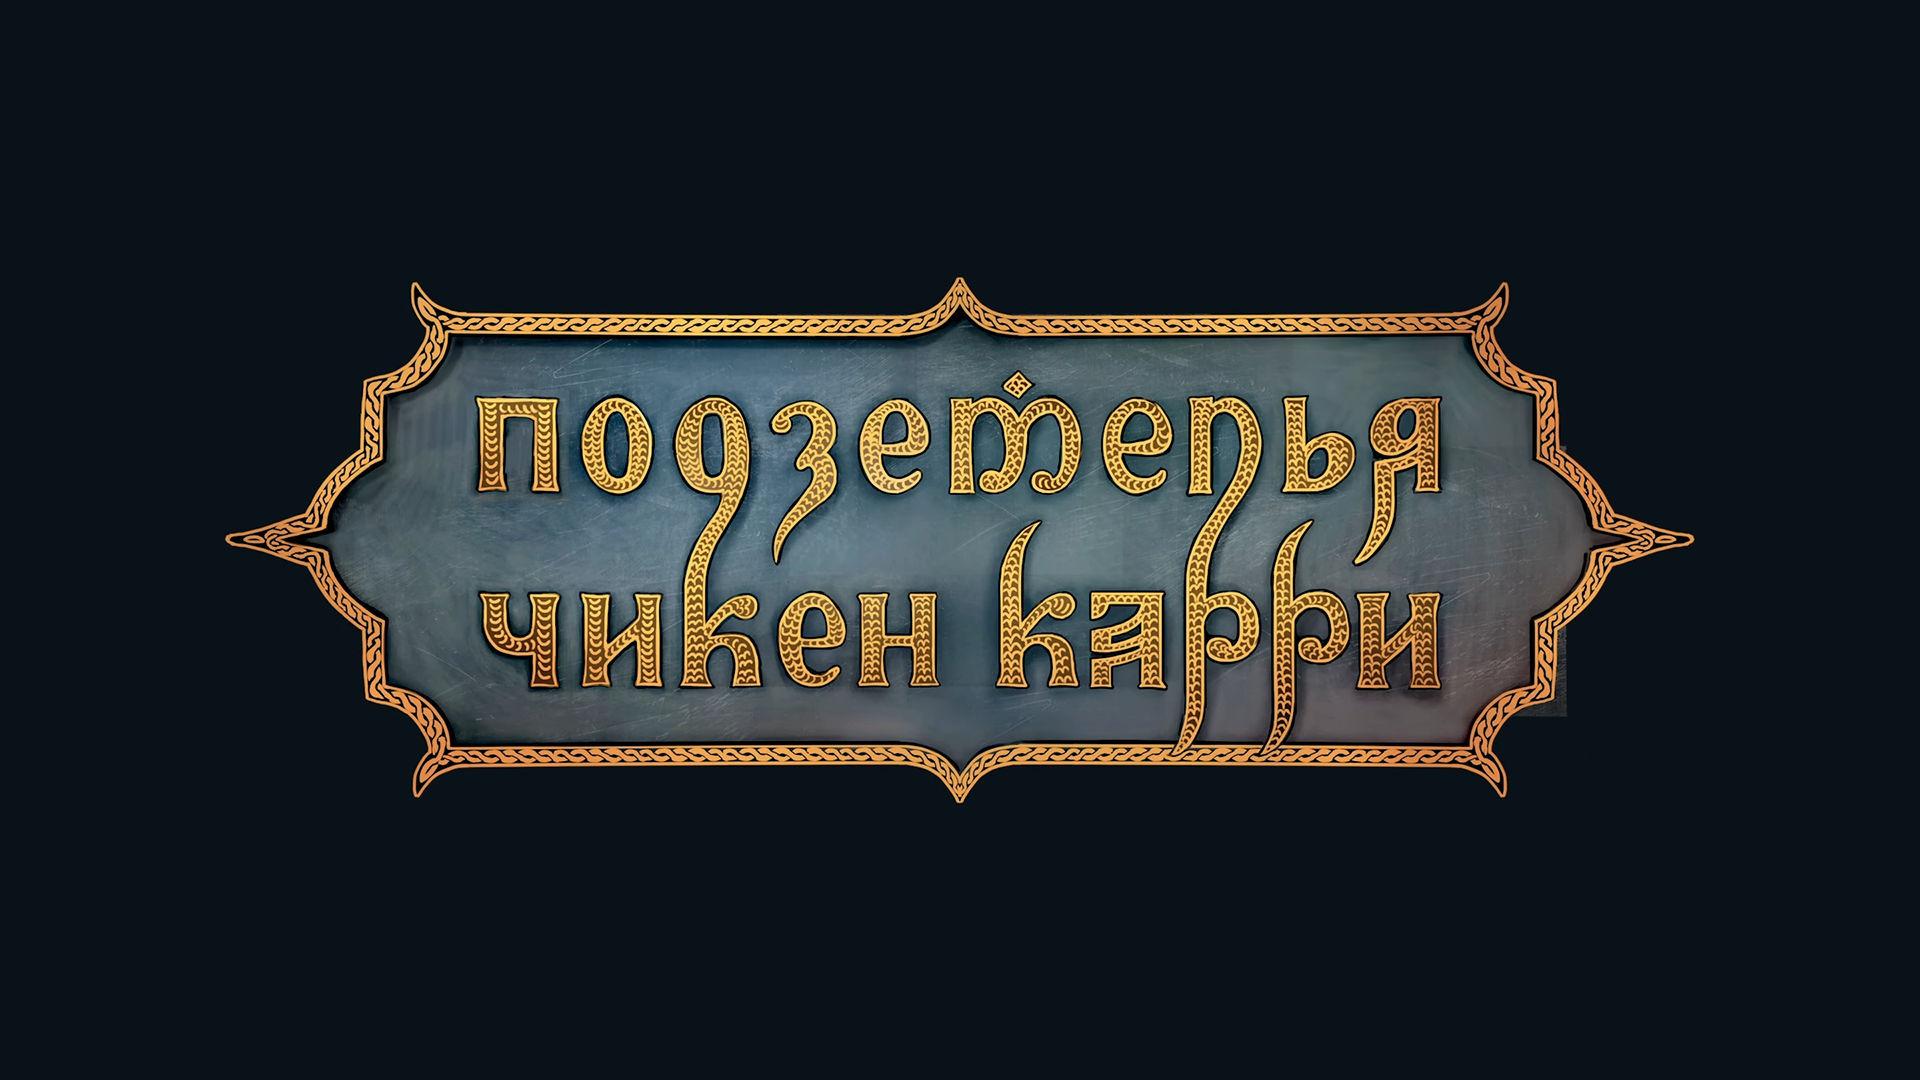 Show Подземелья Чикен Карри